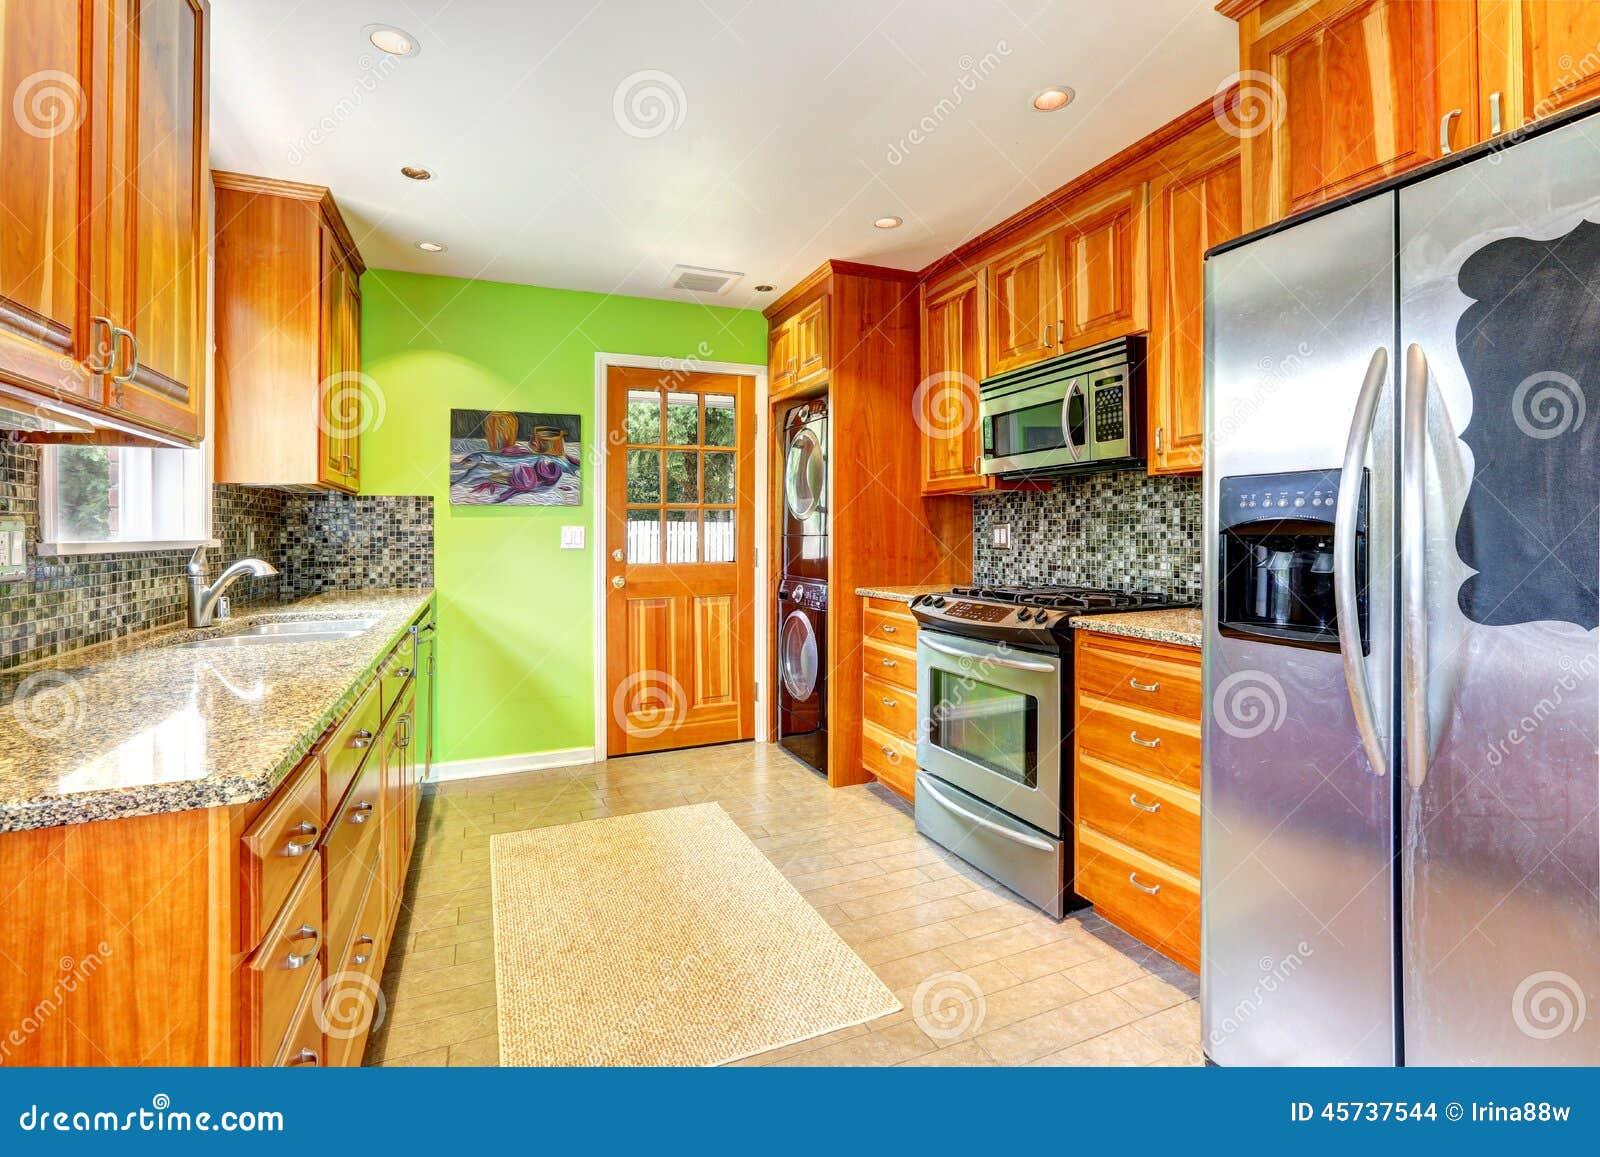 Pièce De Cuisine Avec Le Mur Vert Clair Photo stock - Image du étage ...